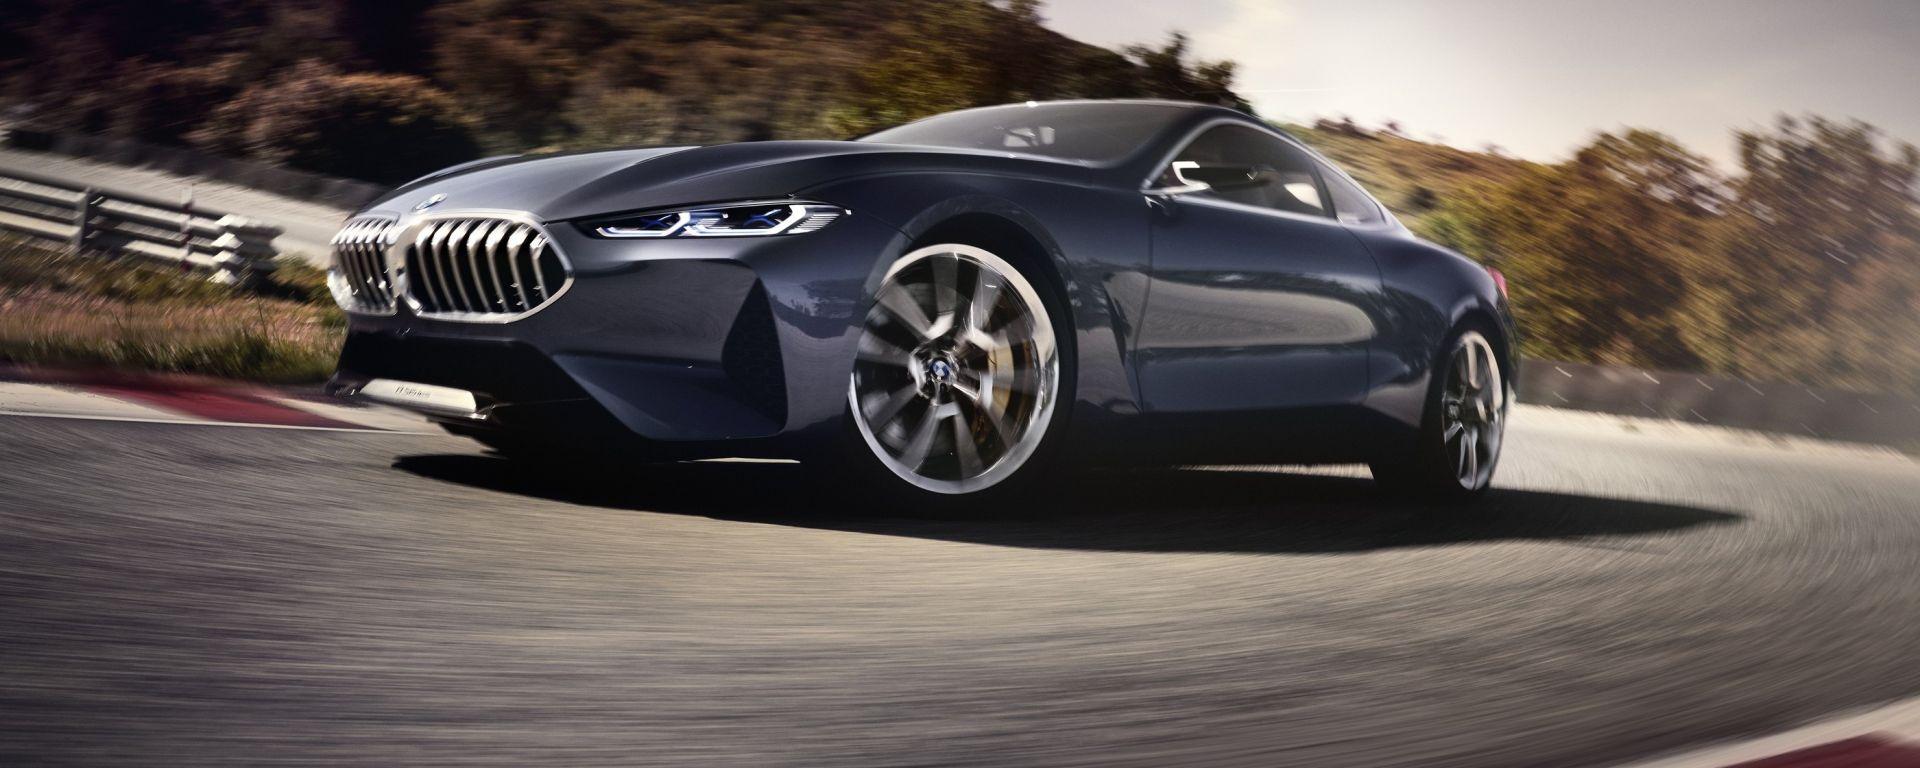 Nuova BMW Serie 8 Concept: le foto e il video ufficiali